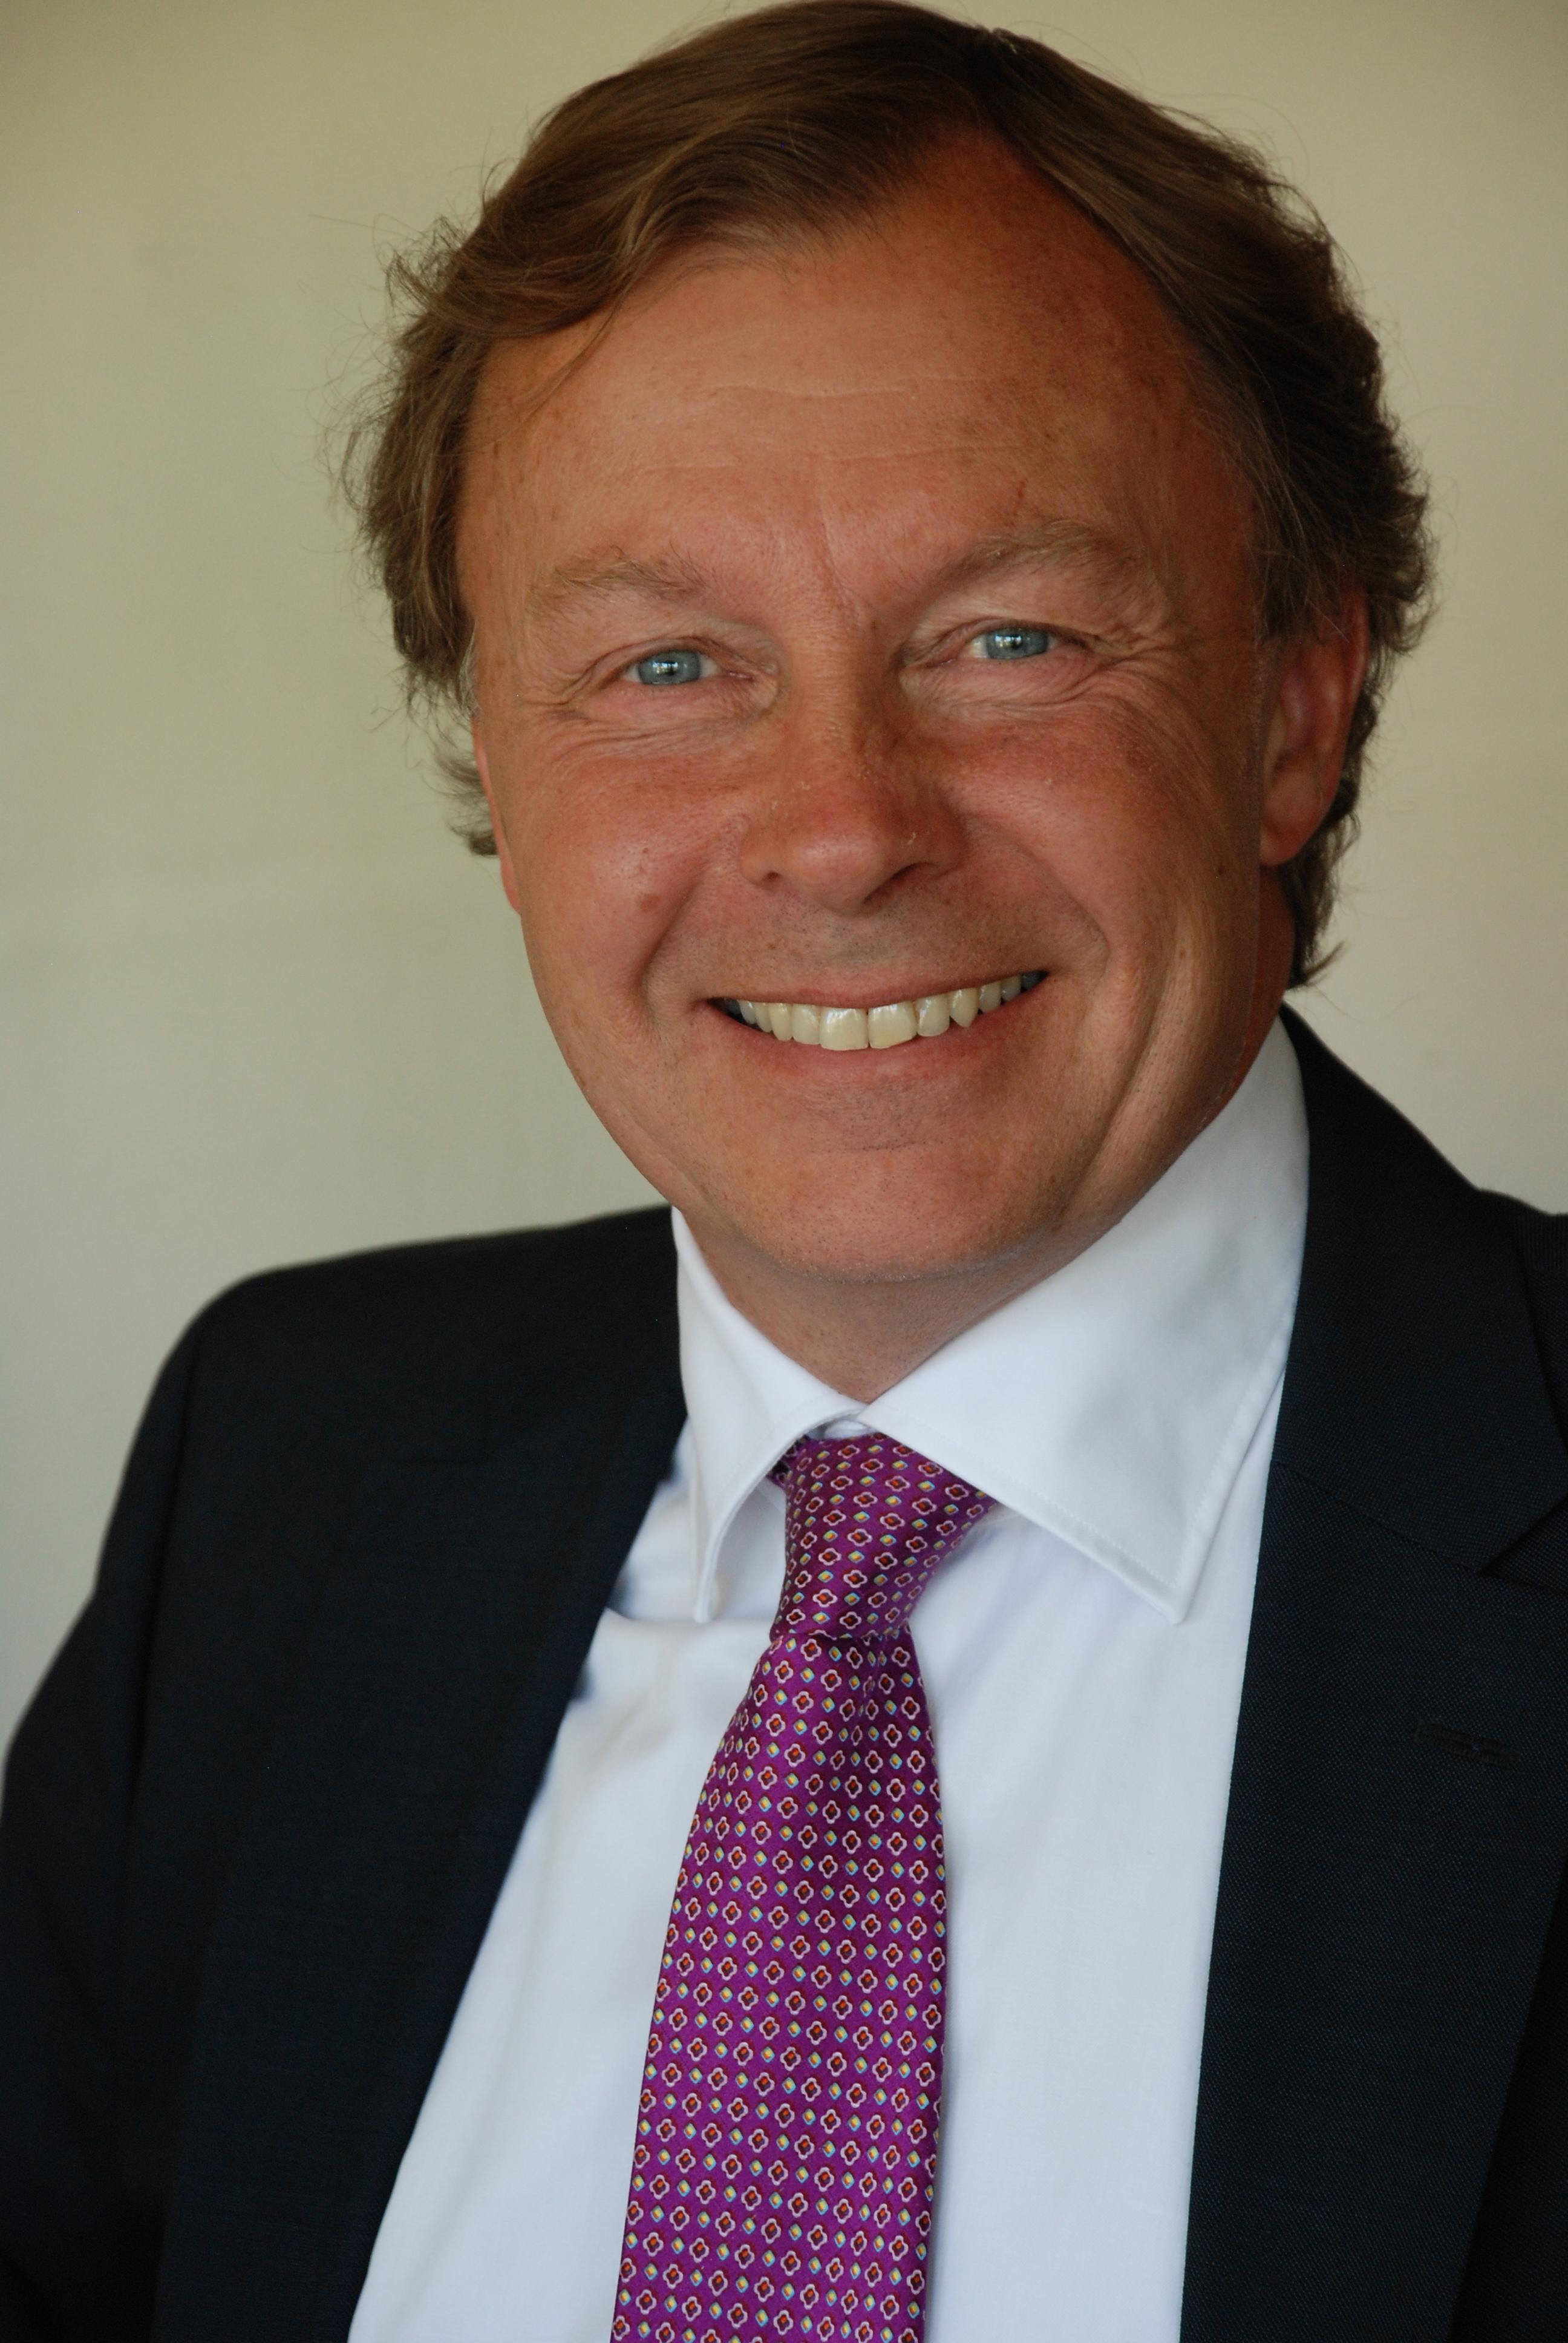 malmqvist-bild